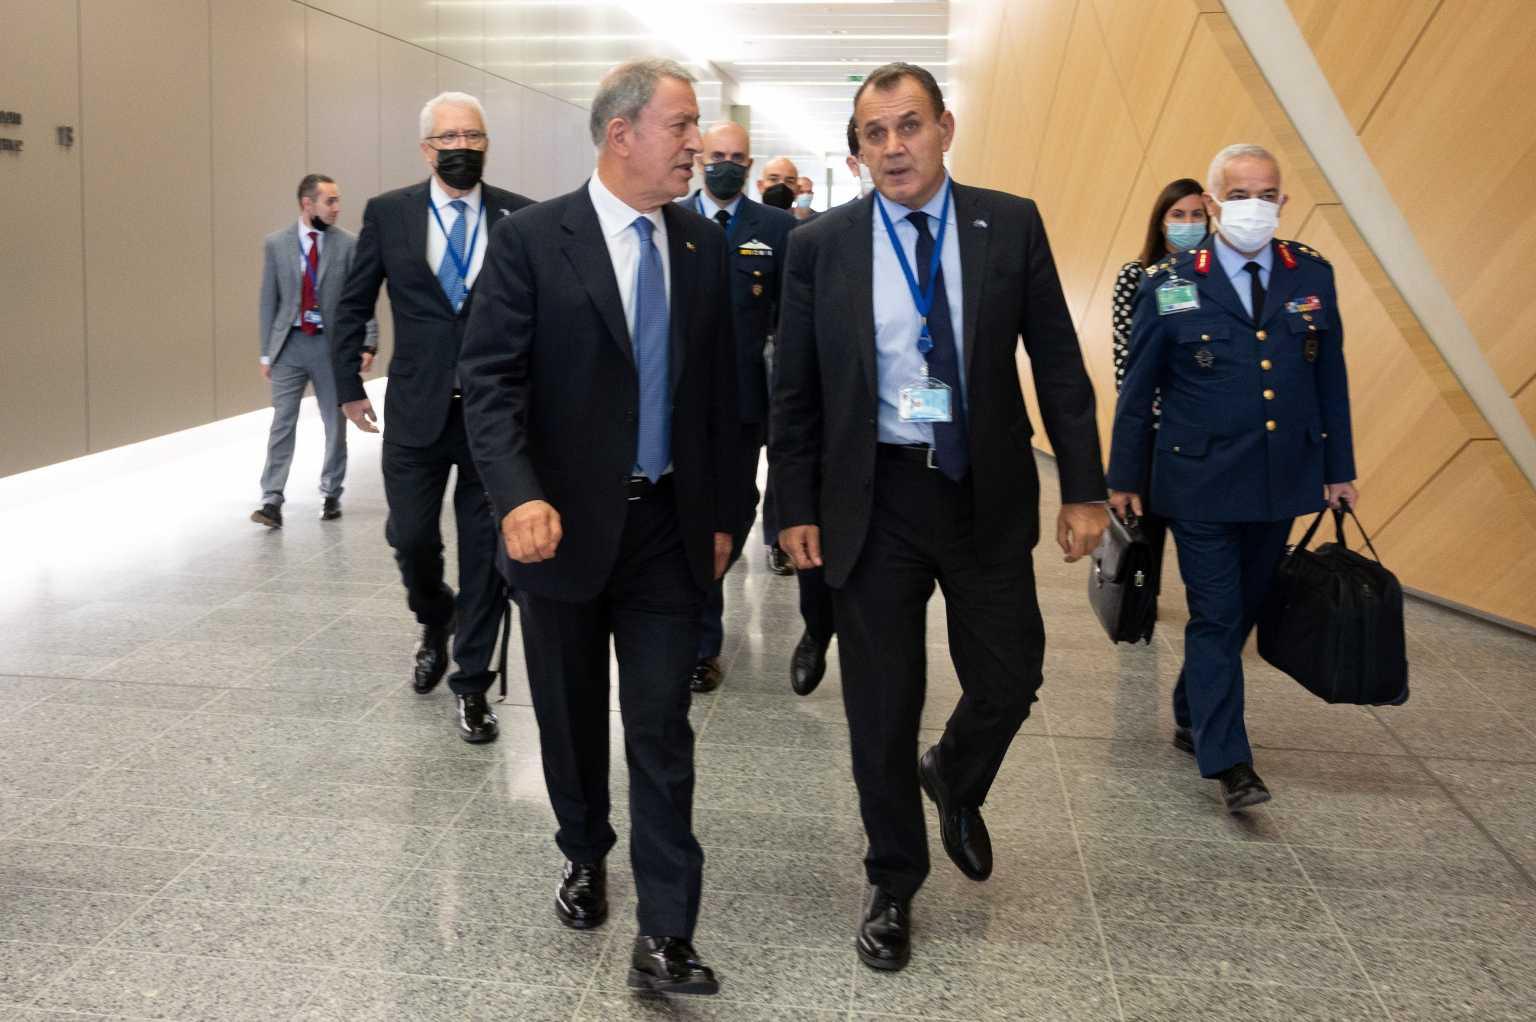 Χουλουσί Ακάρ: Εξοπλιστική μανία της Ελλάδας – Αν δεν είναι εναντίον της Τουρκίας για ποιον είναι;